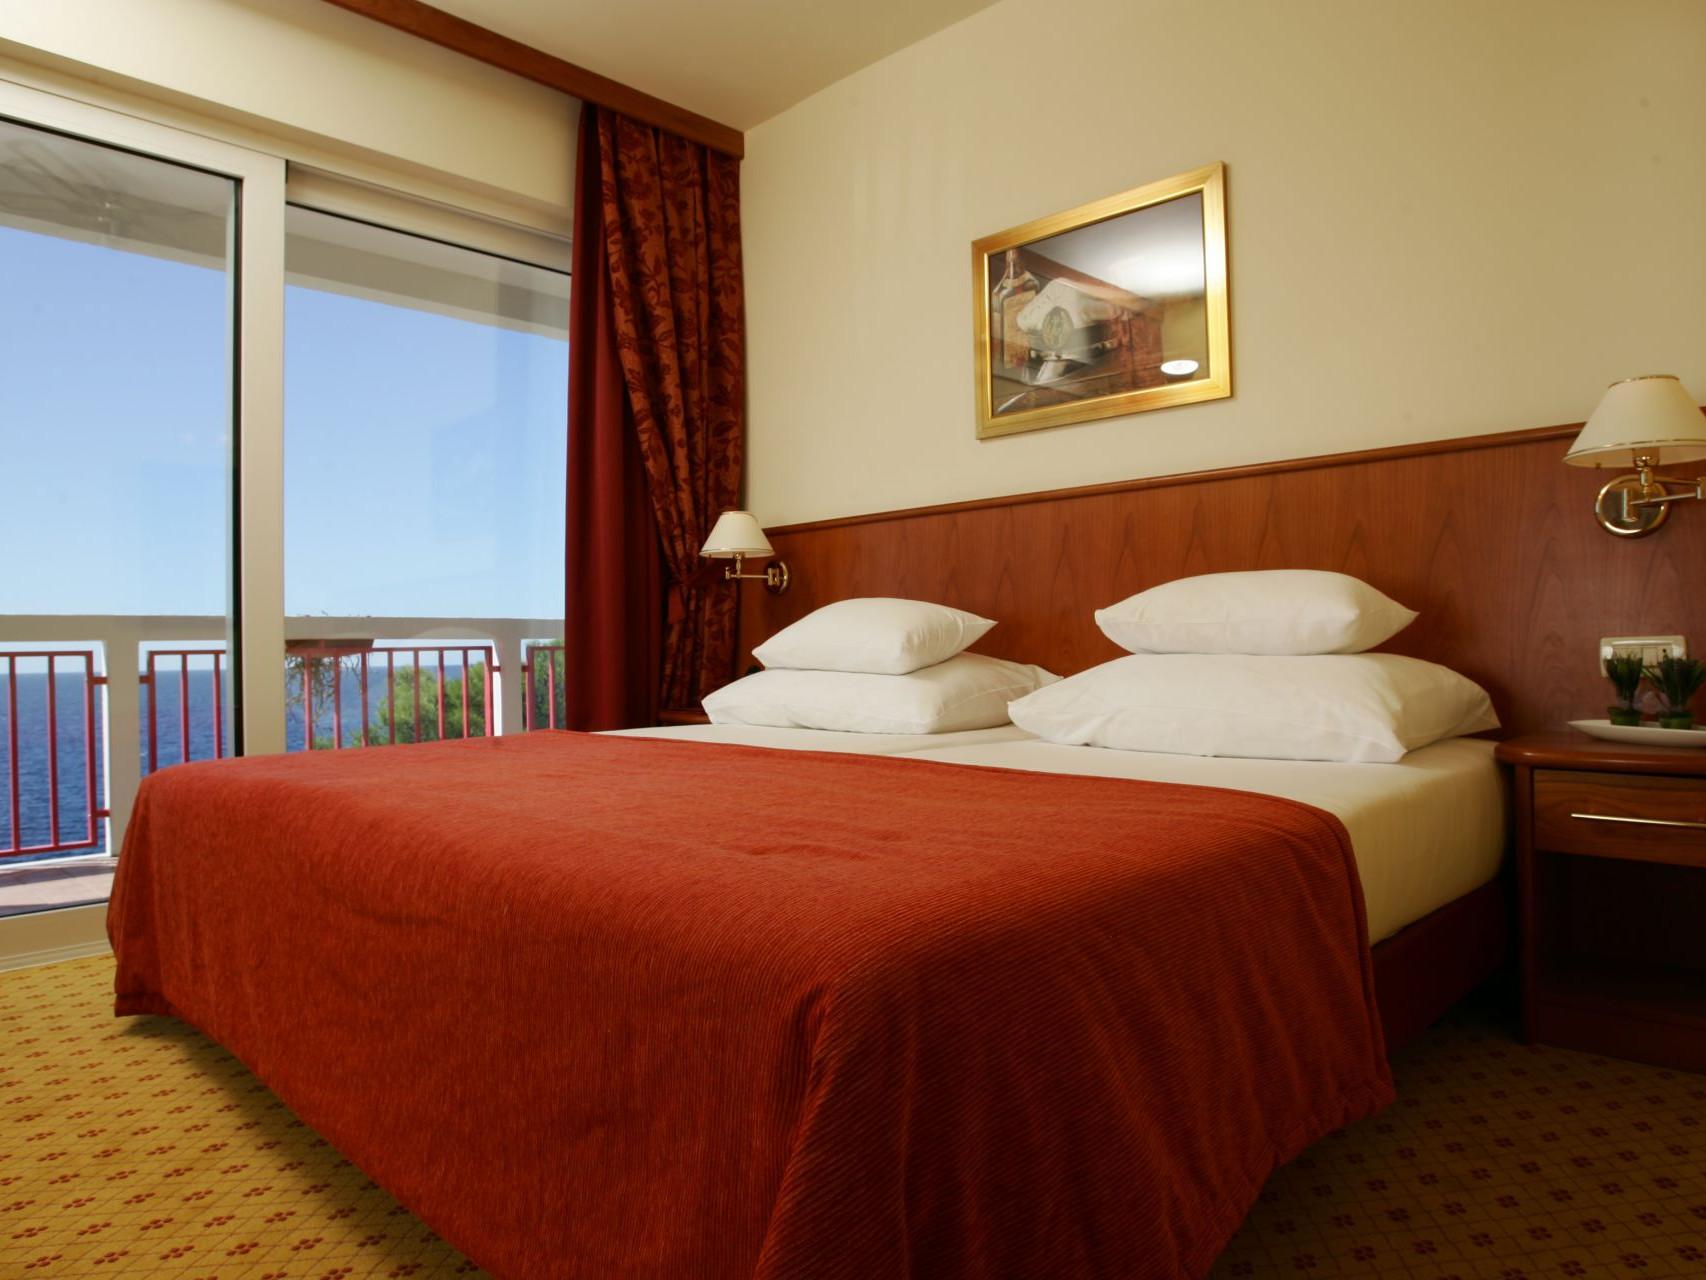 premier club suite 16 14845276953 o uai - Zora Hotel